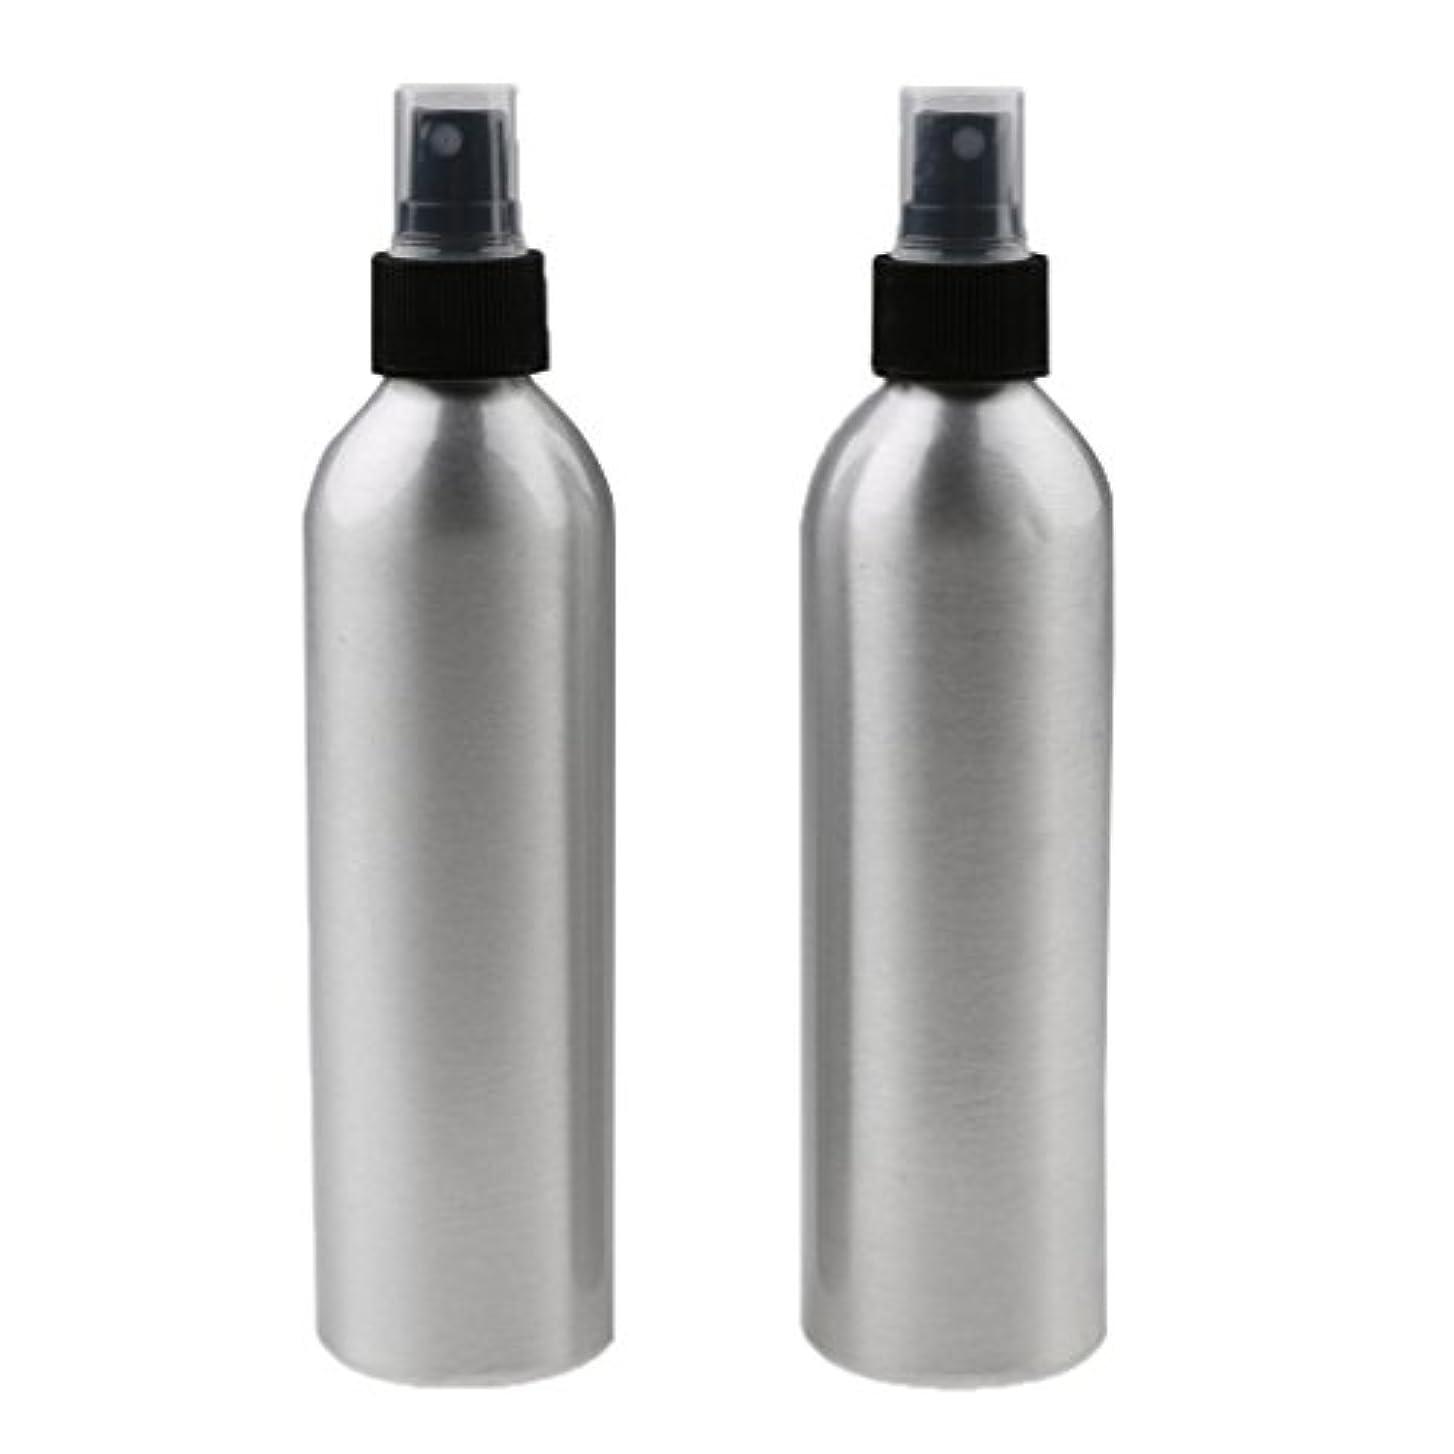 程度挨拶大量Kesoto 2個入り 旅行 アルミ ミスト スプレー 香水ボトル メイクアップ スプレー アトマイザー 女性用 美容 小物 軽量 持ち運び便利 全4サイズ - 100ml